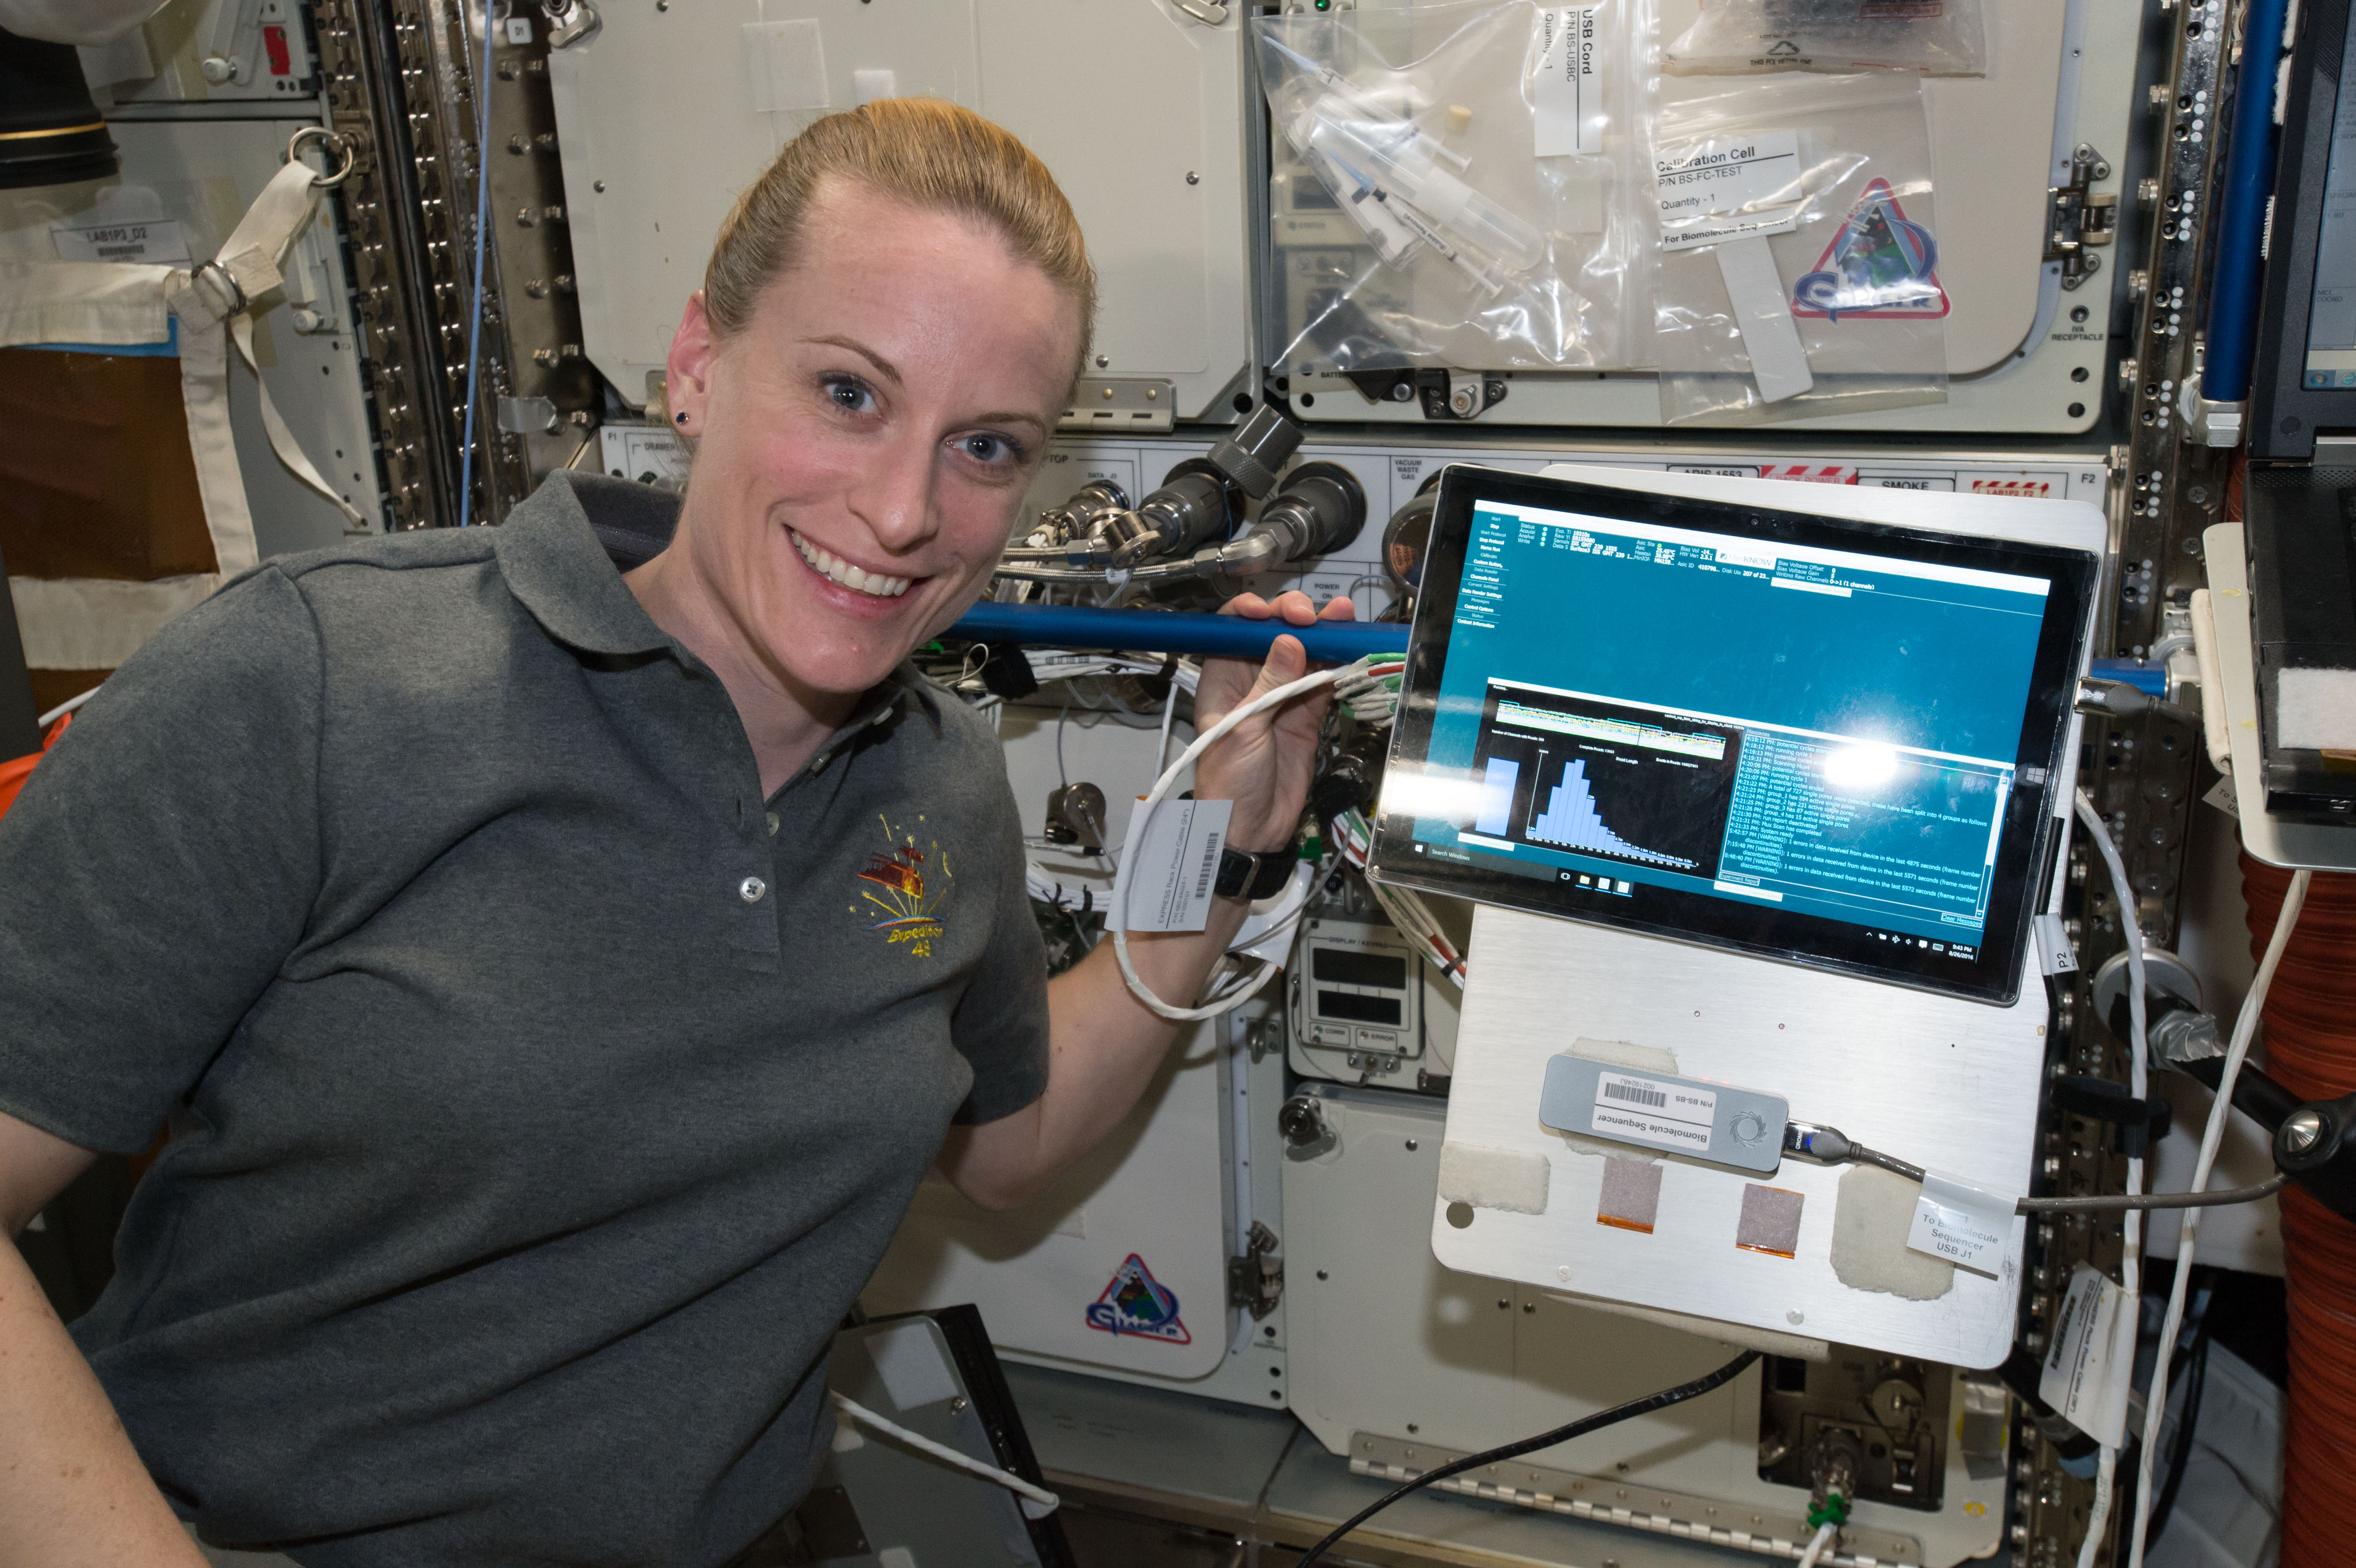 """Астронавт Кейт Рубинс впервые истории секвенировала геном вкосмосе. Но специалистам <abbr lang=""""ru"""" title=""""NASA— Национальное управление по воздухоплаванию иисследованию космического пространства США"""">НАСА</abbr> этого мало— они хотят научиться делать все необходимые для анализа <abbr lang=""""ru"""" title=""""Дезоксирибонуклеиновая кислота"""">ДНК</abbr> процедуры прямо вкосмосе. Включая предварительную подготовку образцов."""